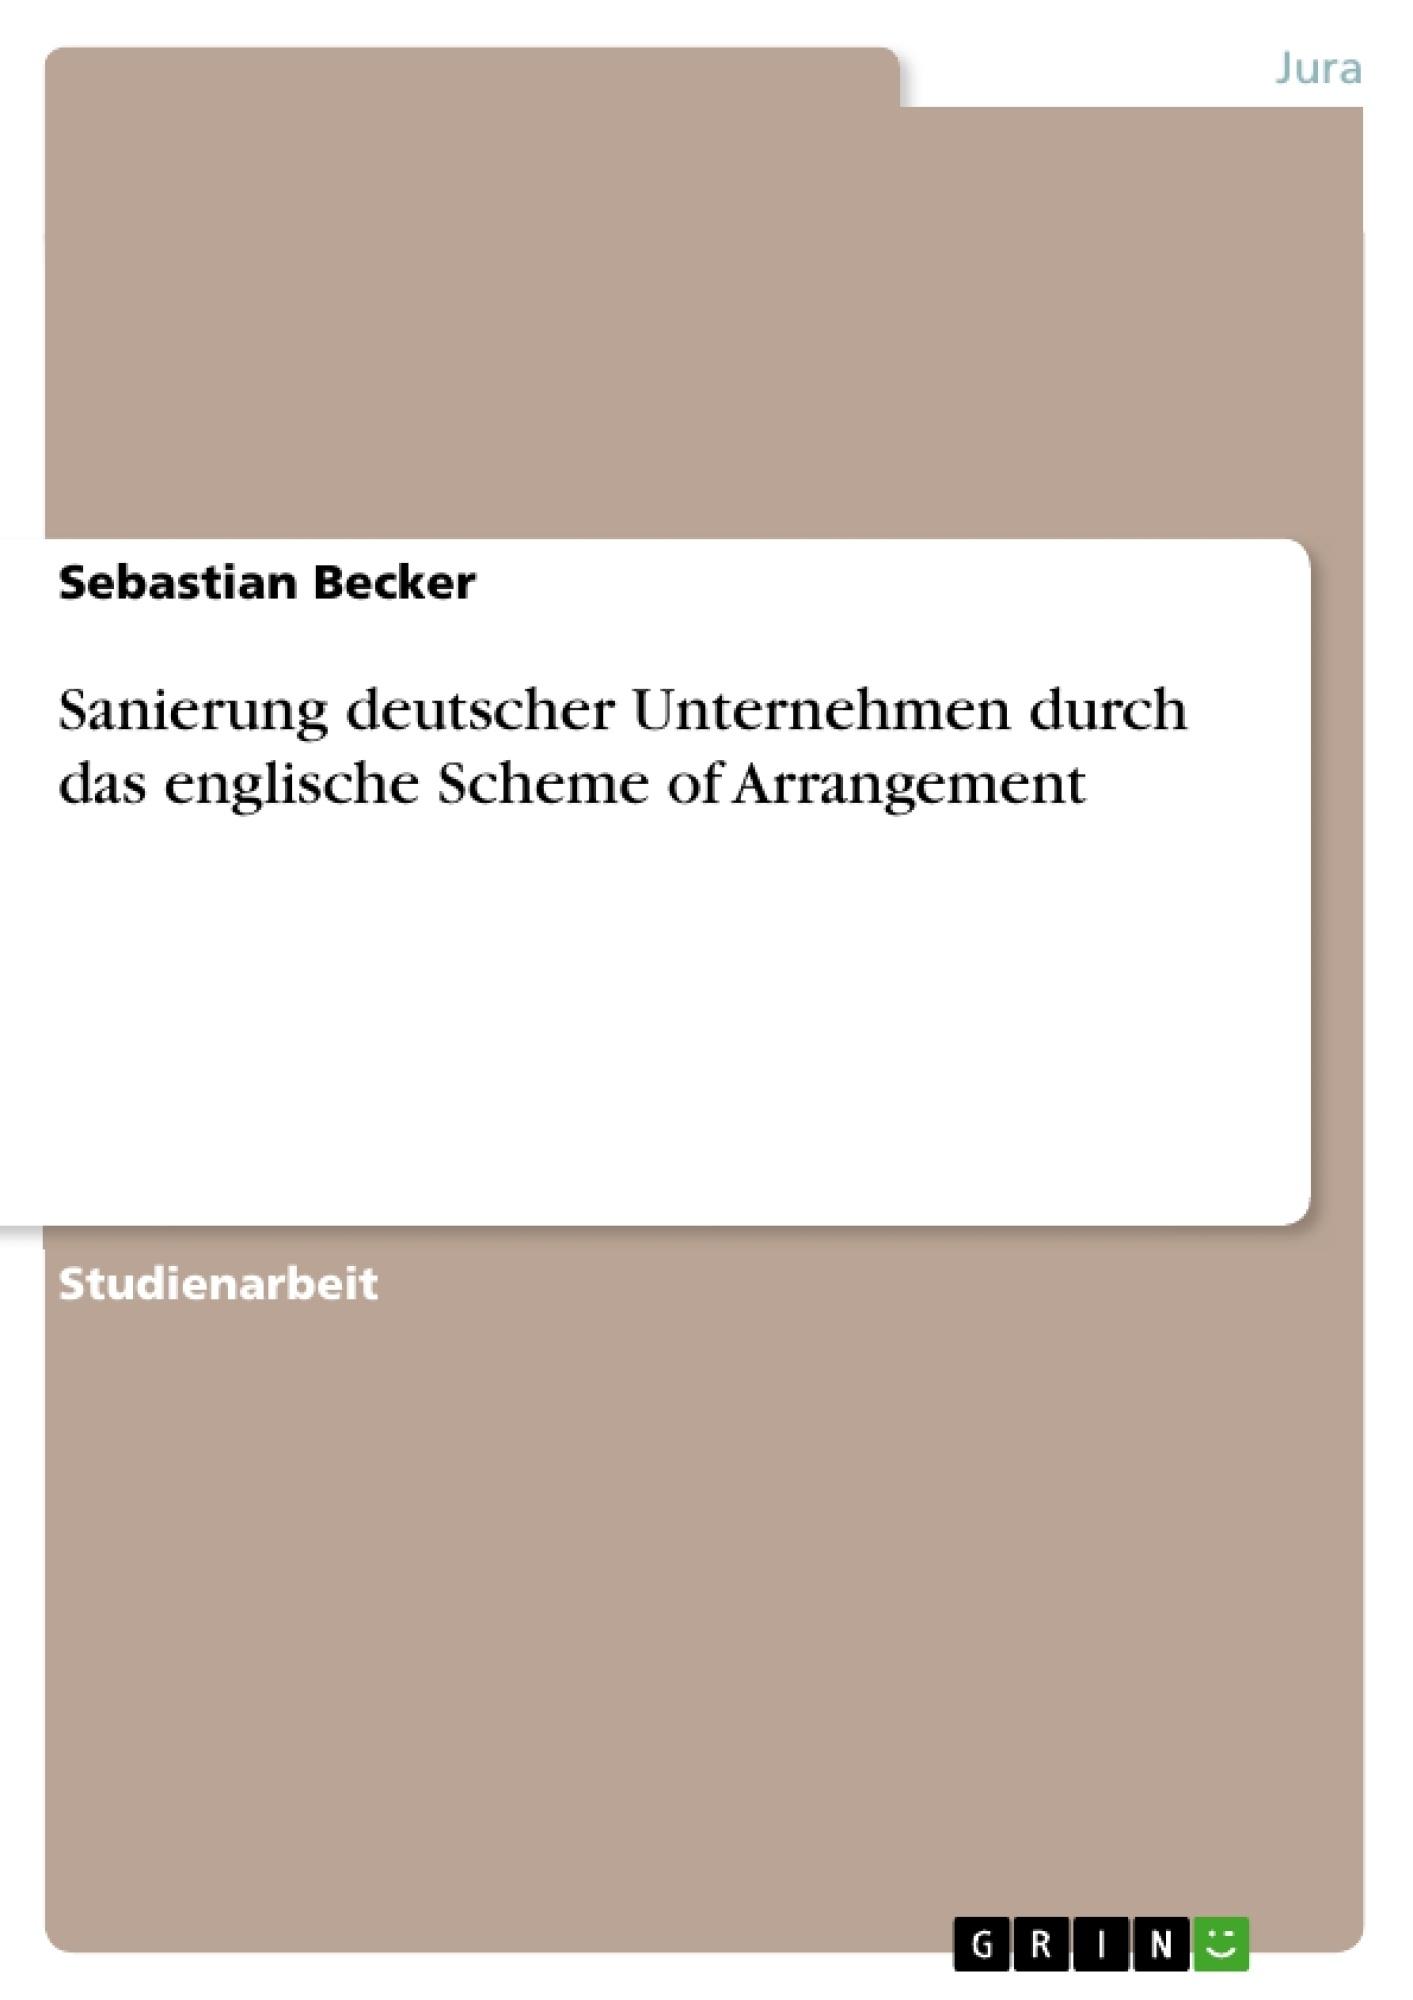 Titel: Sanierung deutscher Unternehmen durch das englische Scheme of Arrangement